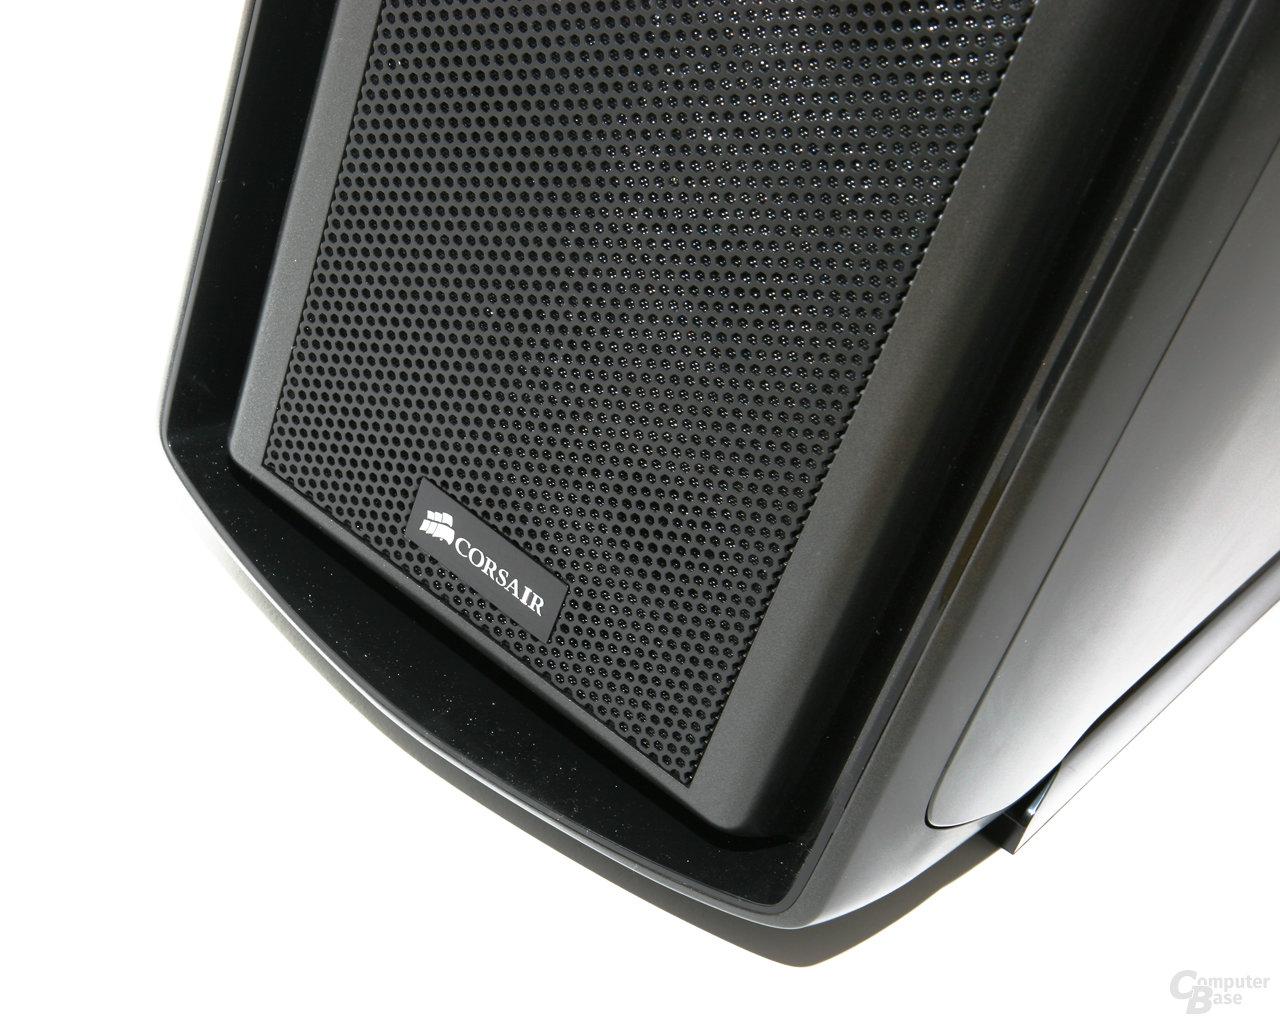 Corsair Graphite 600T – Herstellerlogo